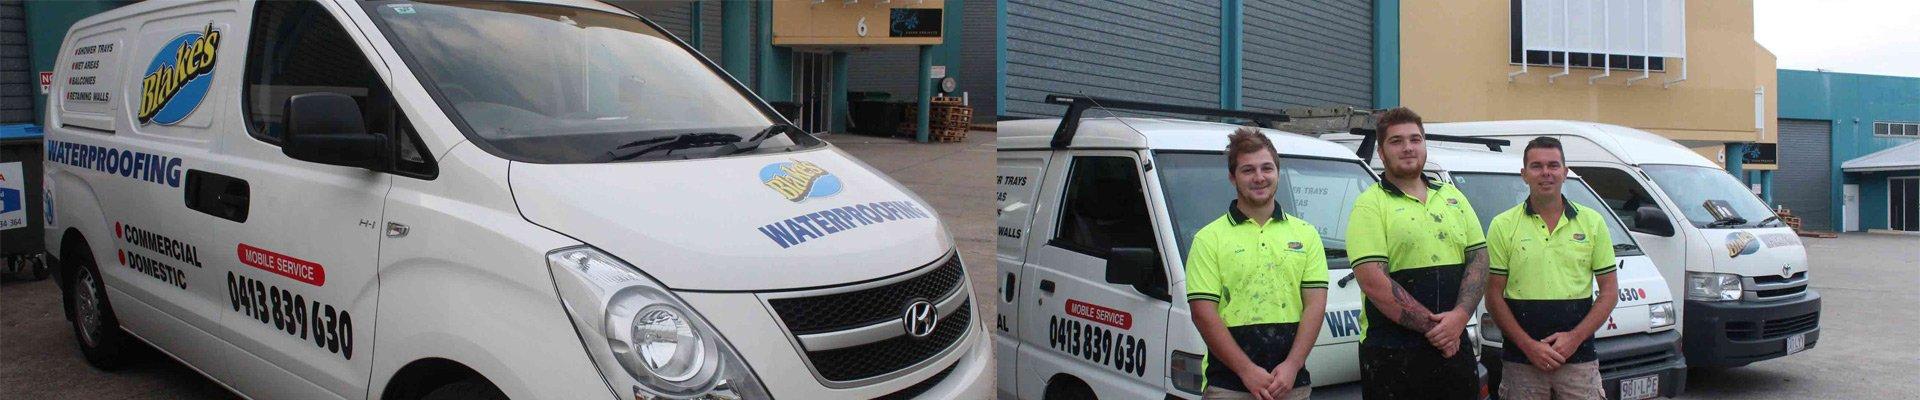 blakes waterproofing company van and workers